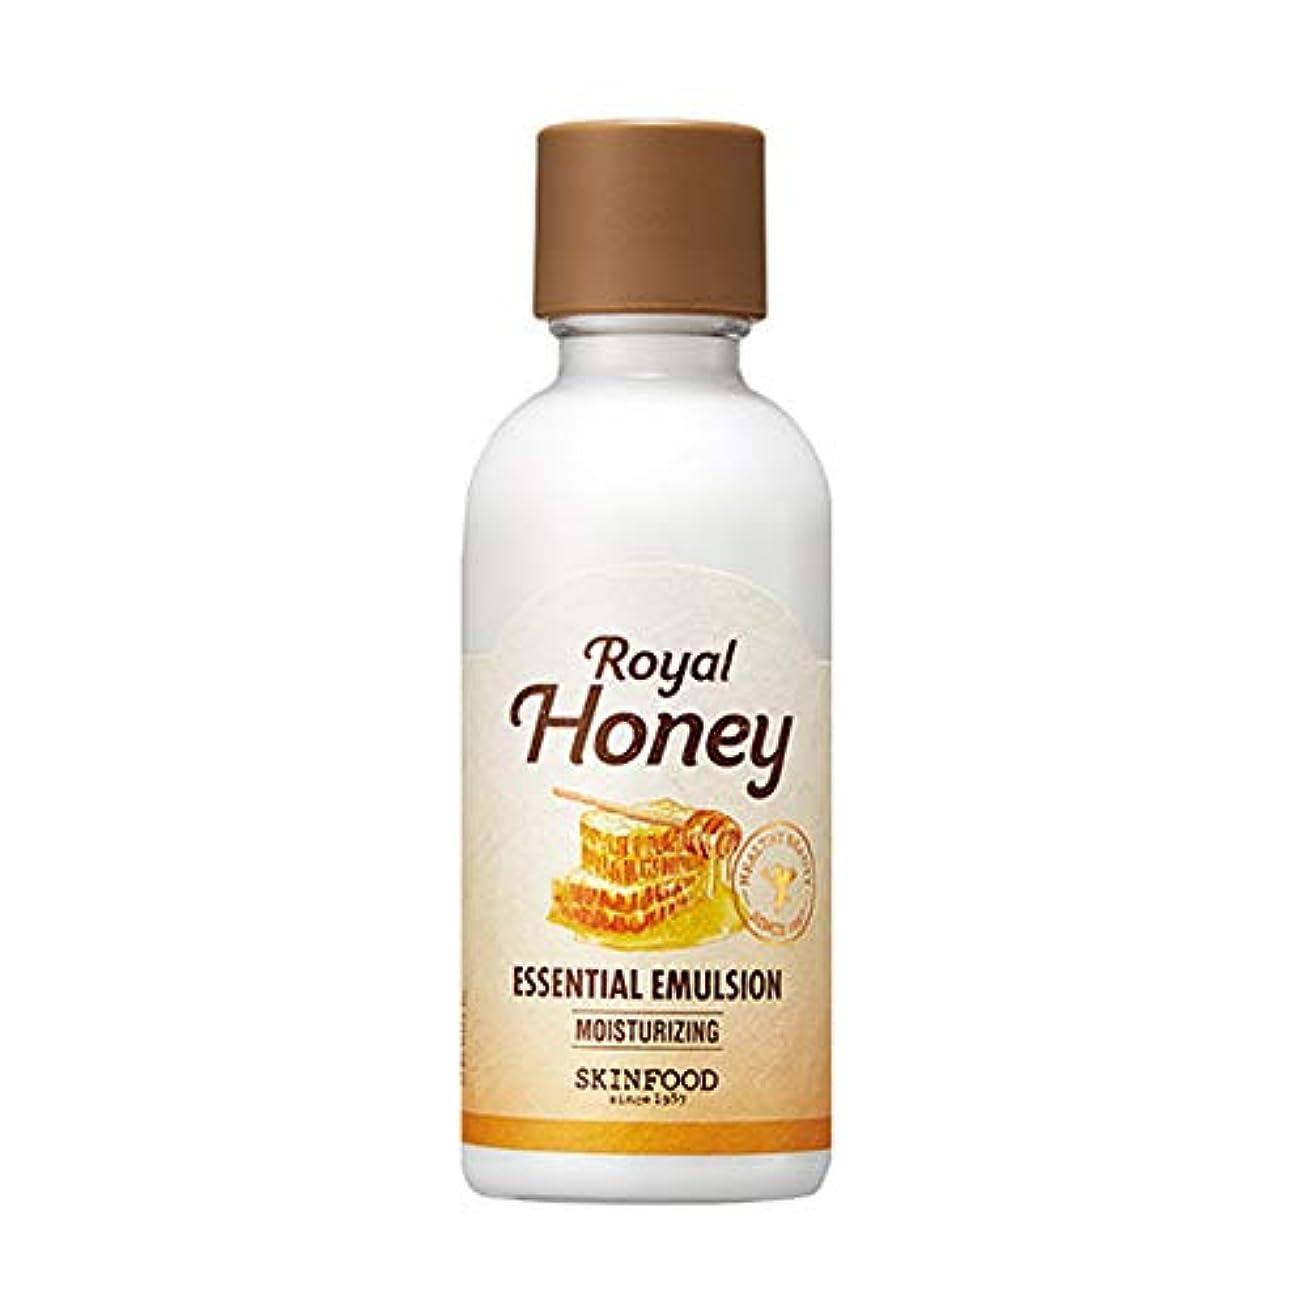 アコームスタチオ振る舞いSkinfood ロイヤルハニーエッセンシャルエマルジョン/Royal Honey Essential Emulsion 160ml [並行輸入品]